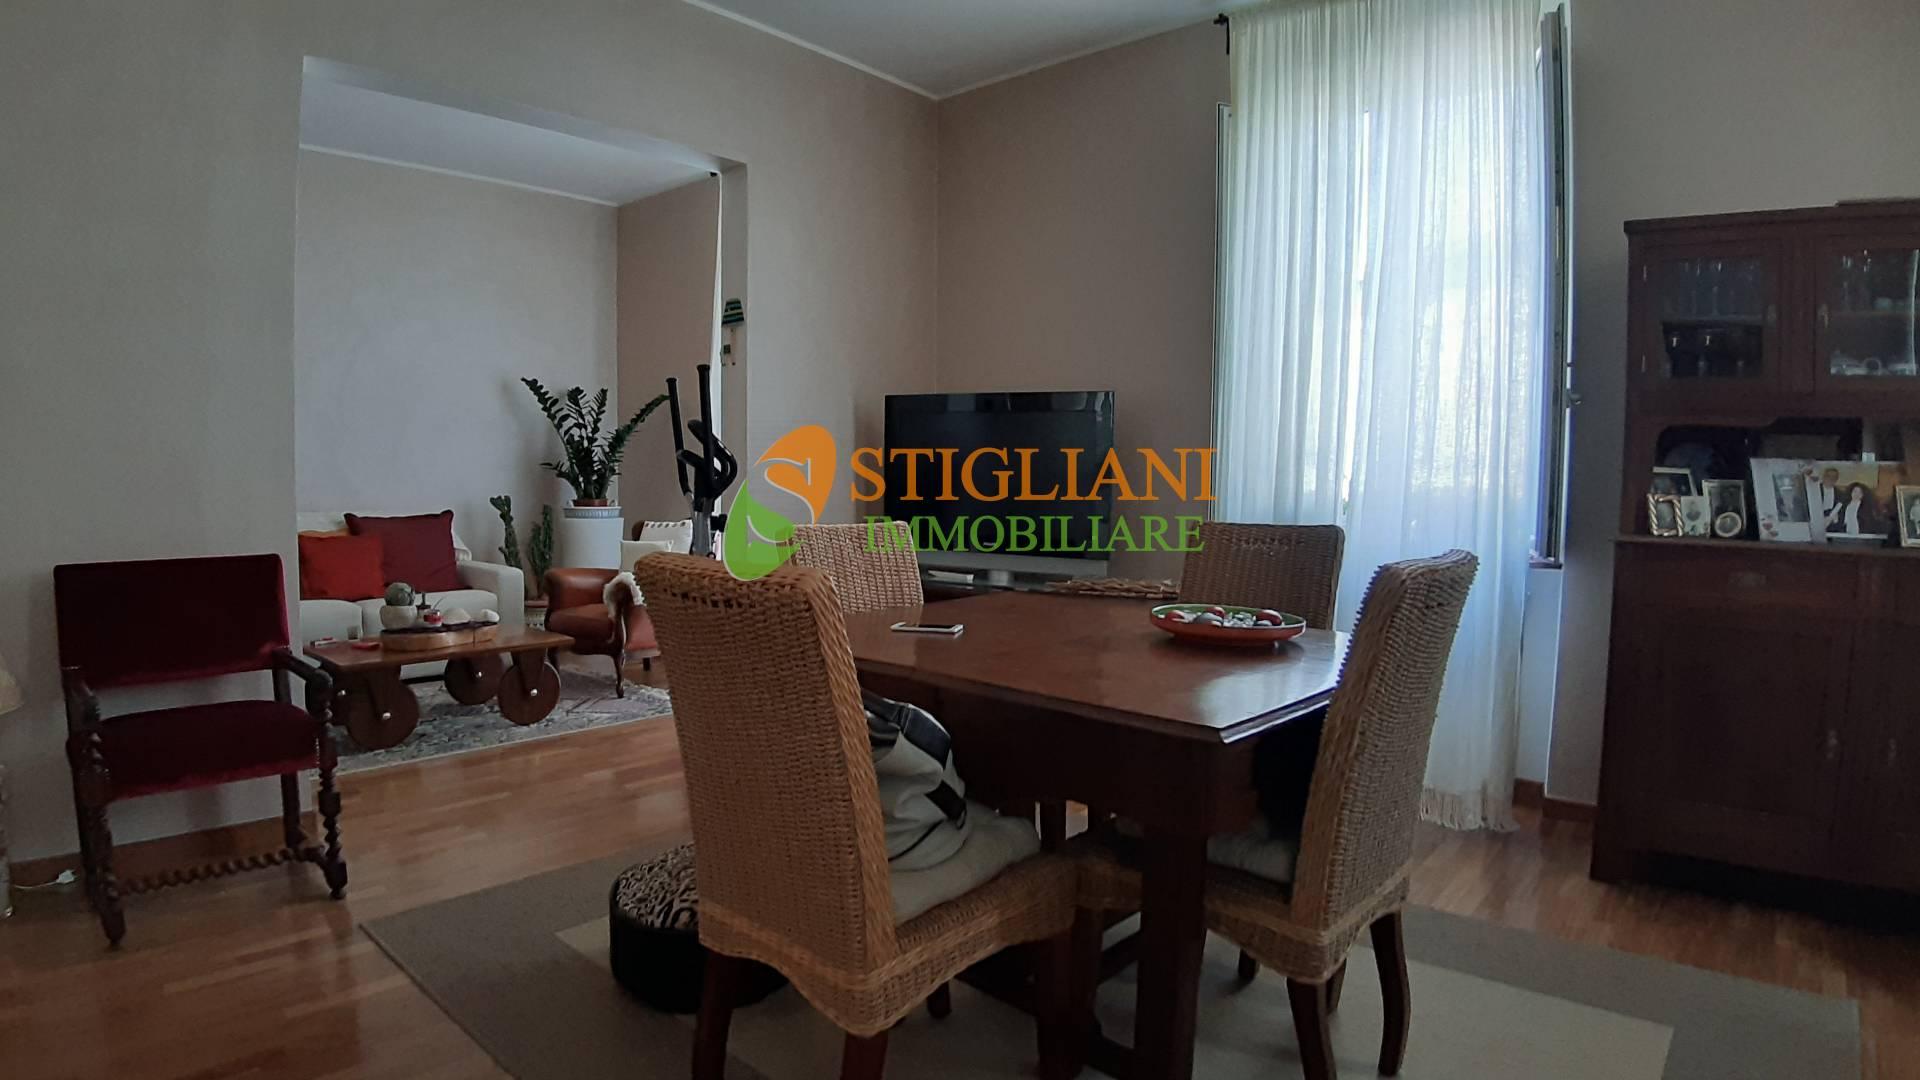 Appartamento in vendita a Campobasso, 6 locali, zona Zona: Semicentro, prezzo € 250.000 | CambioCasa.it